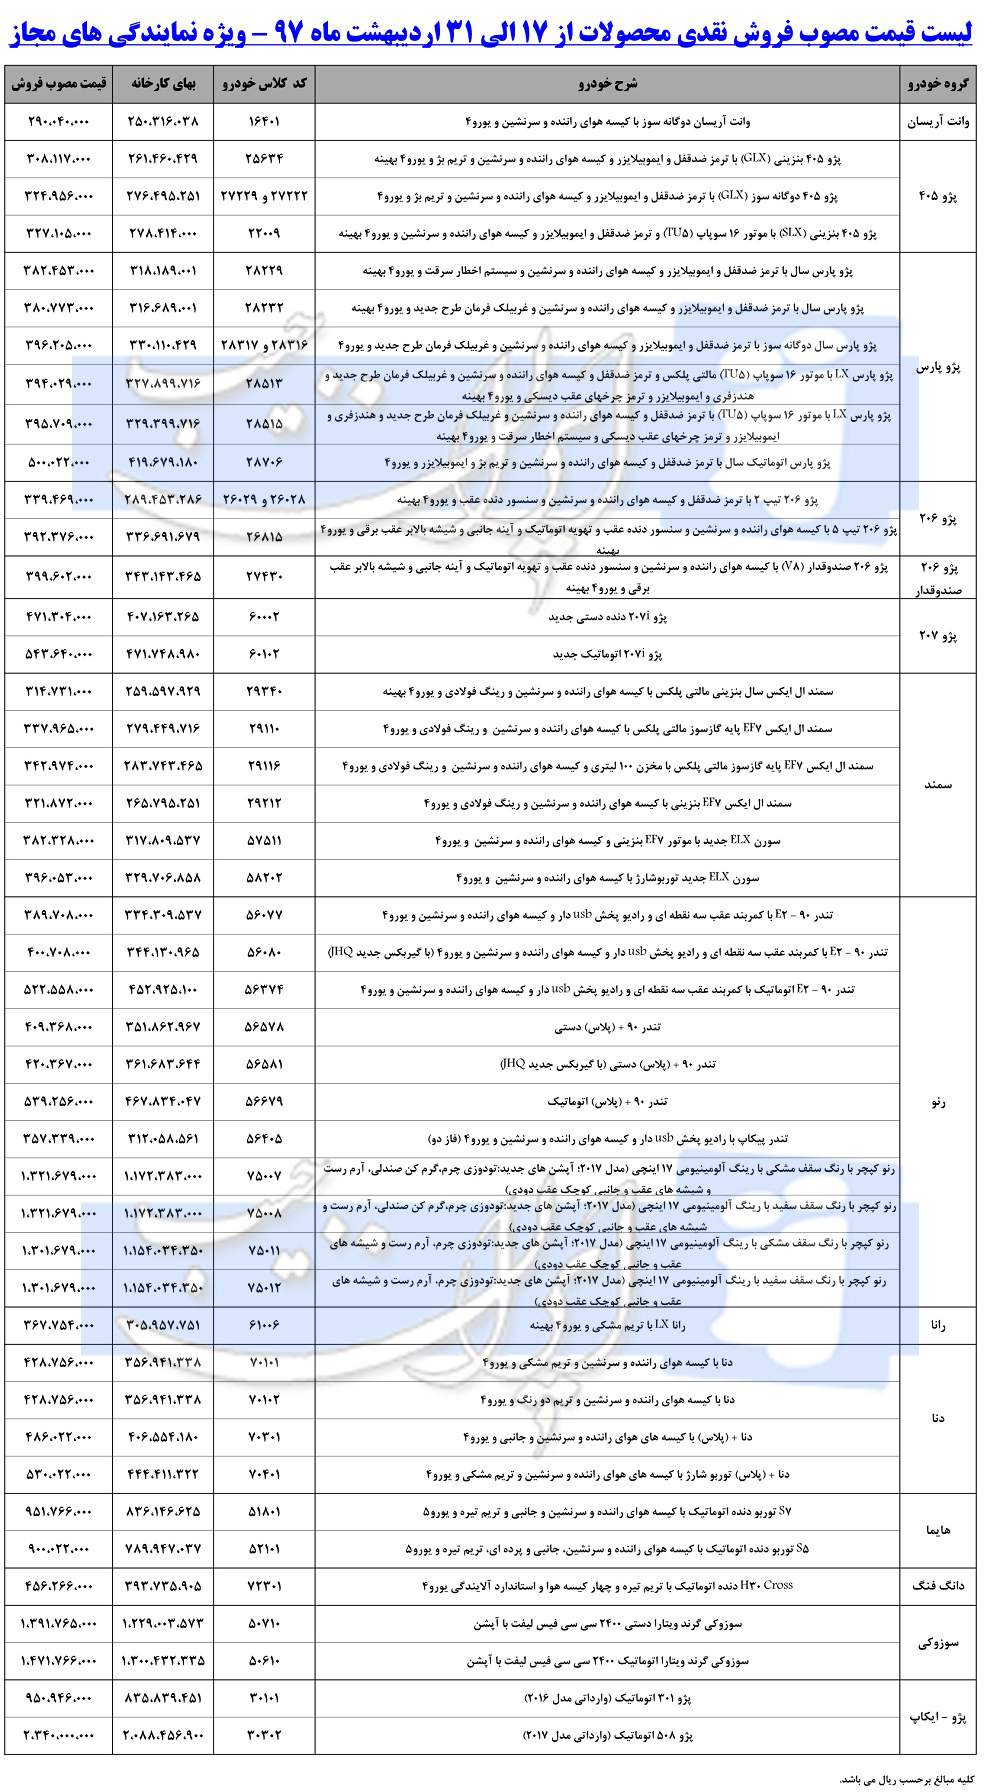 لیست قیمت جدید محصولات ایران خودرو - اردیبهشت 97